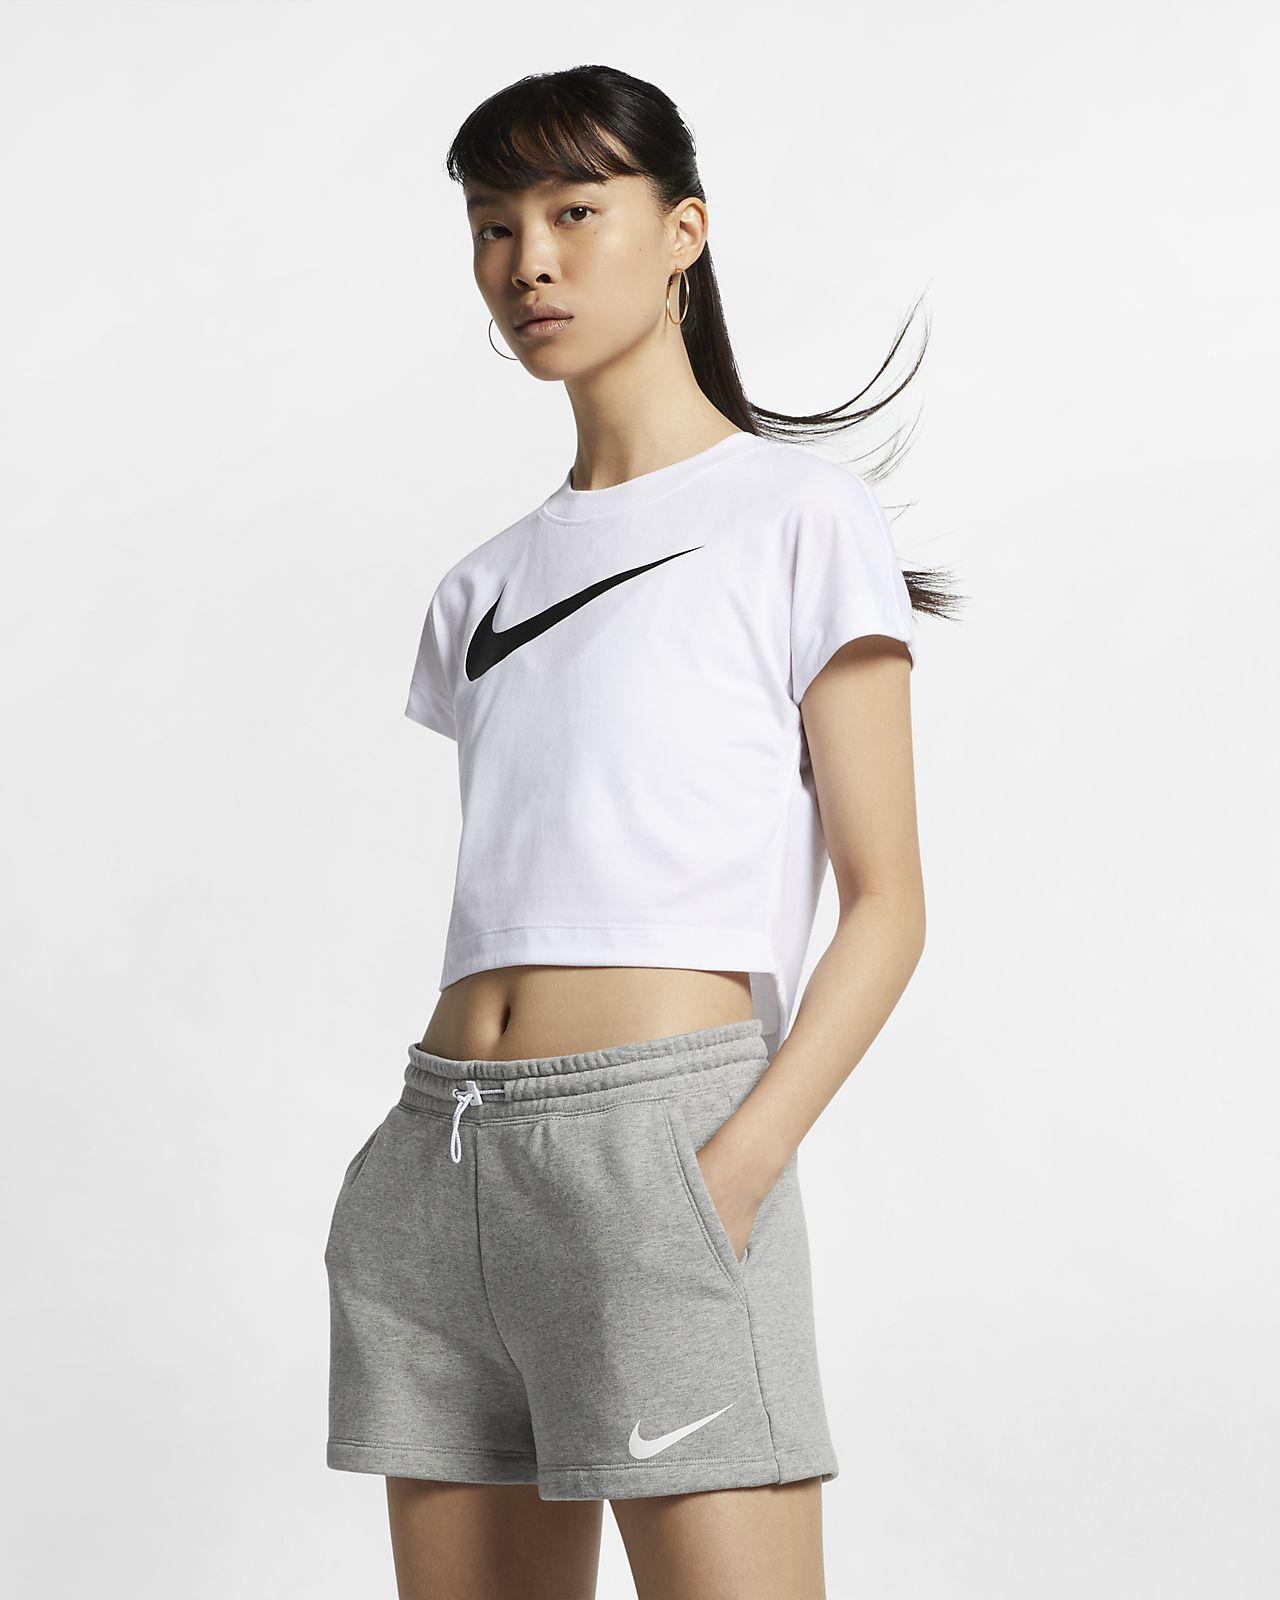 b82828d8e59 Nike Sportswear Women's Swoosh Short-Sleeve Crop Top. Nike.com NO